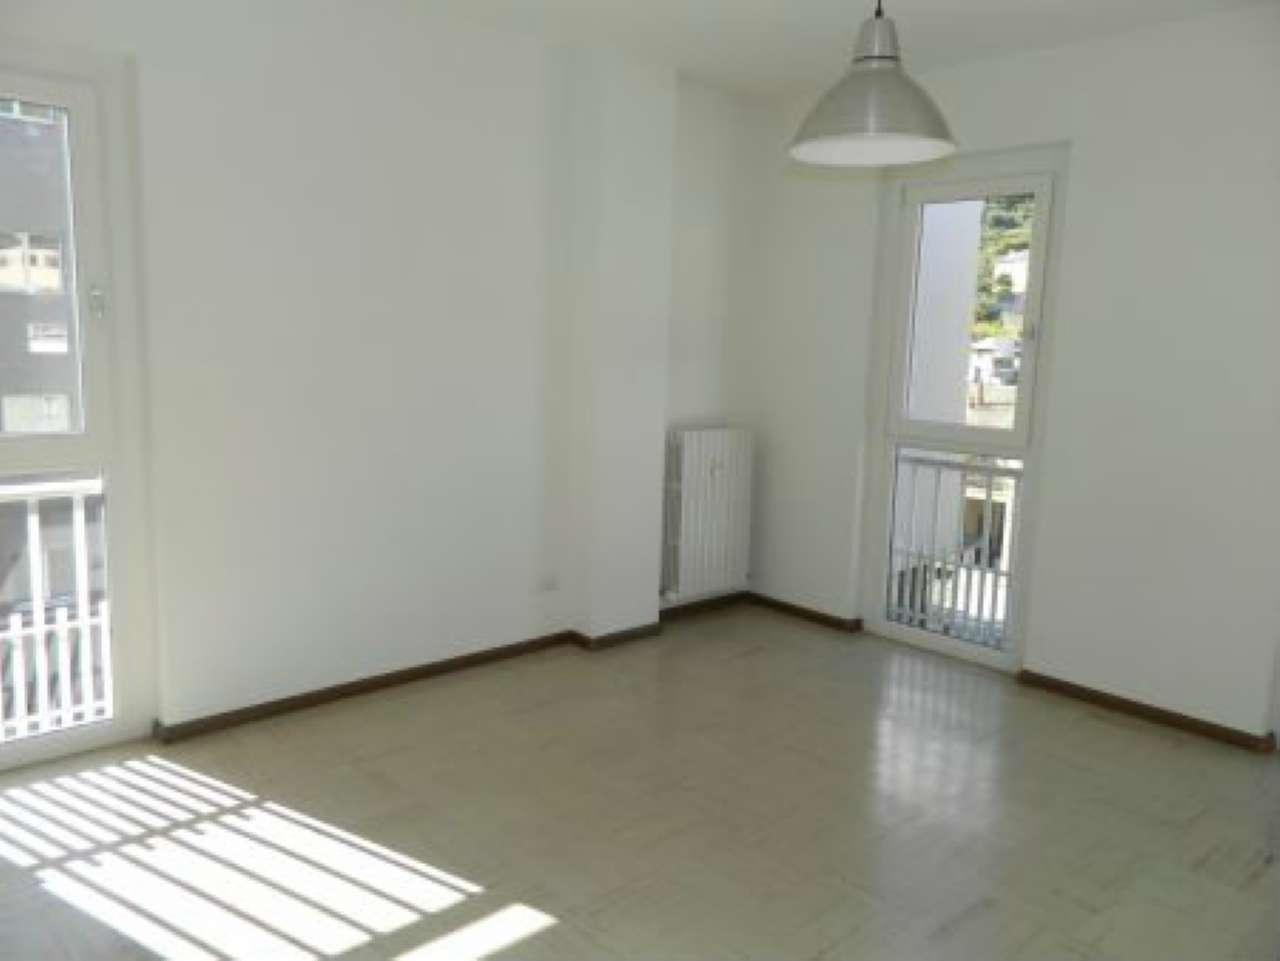 Appartamento in affitto a Sondrio, 3 locali, prezzo € 350 | CambioCasa.it